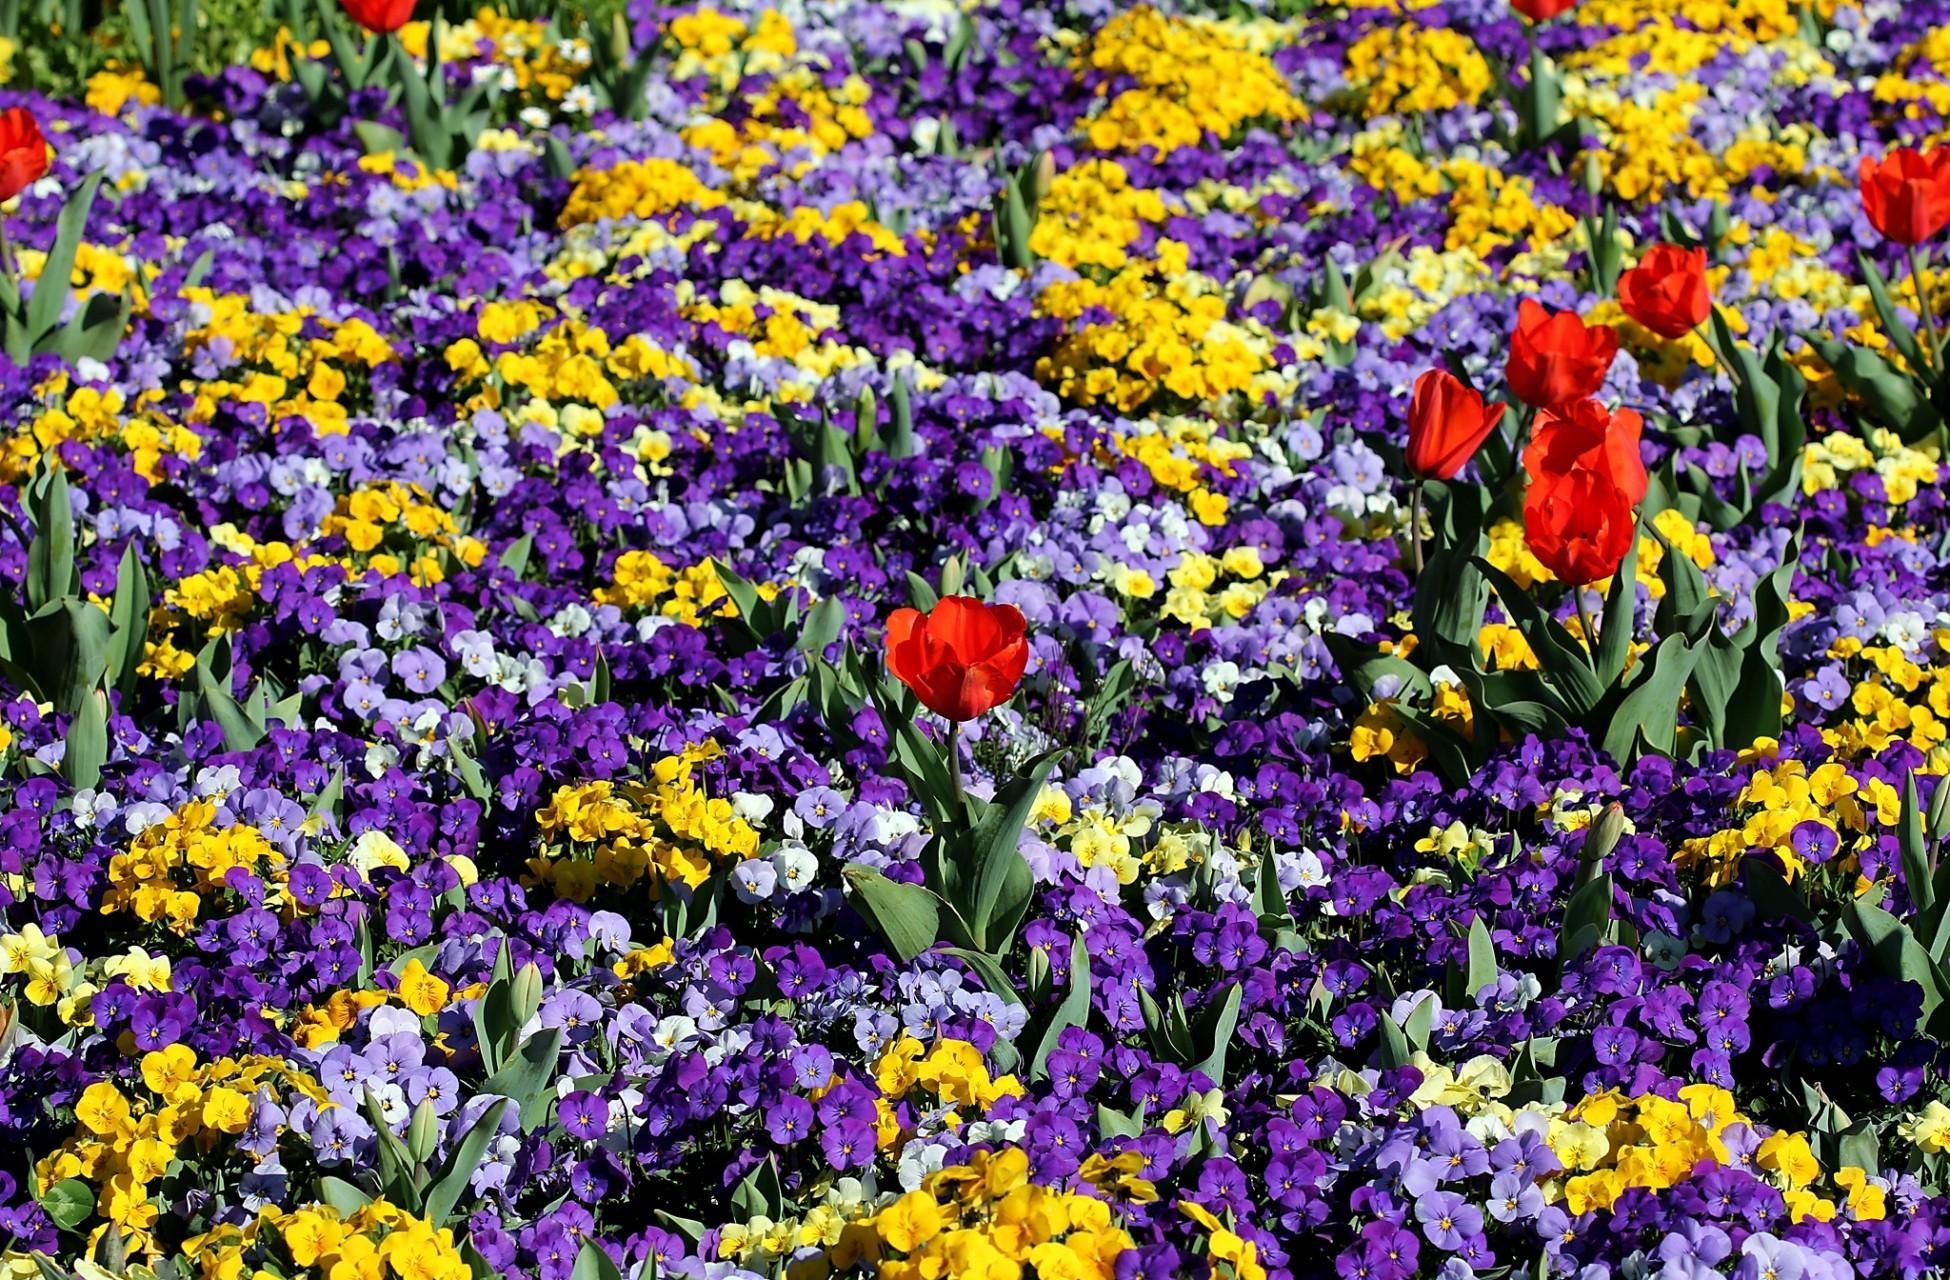 80861 скачать обои Цветы, Клумба, Весна, Тюльпаны, Анютины Глазки - заставки и картинки бесплатно